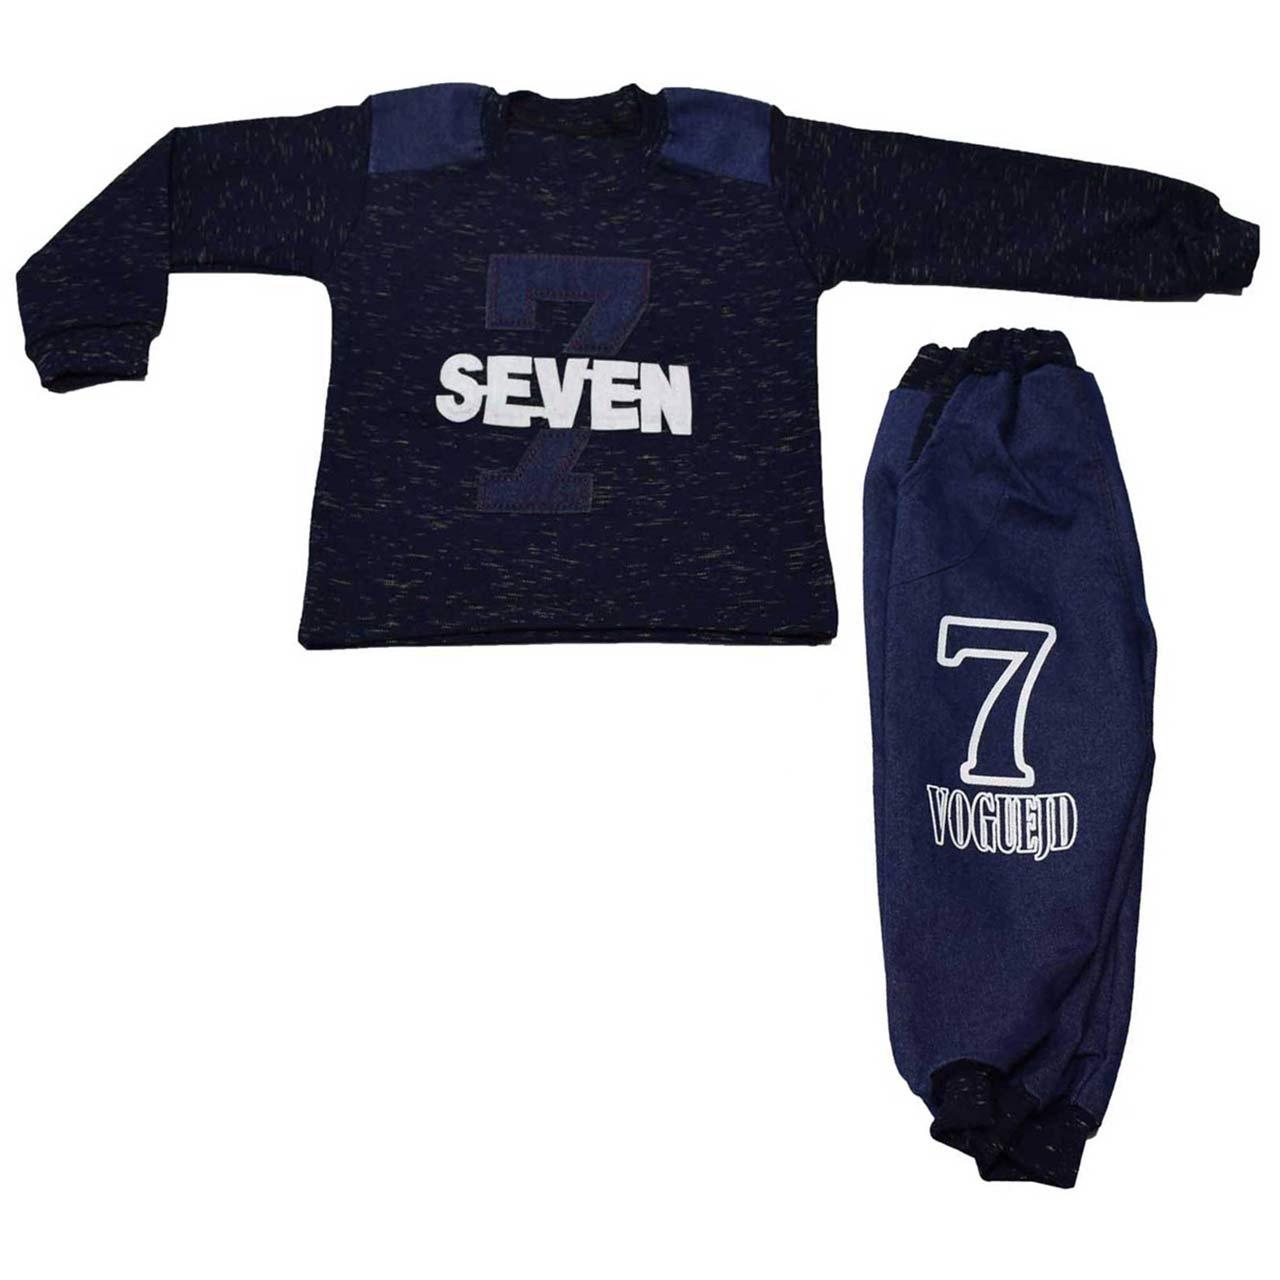 تی شرت و شلوار بچگانه مدل seven